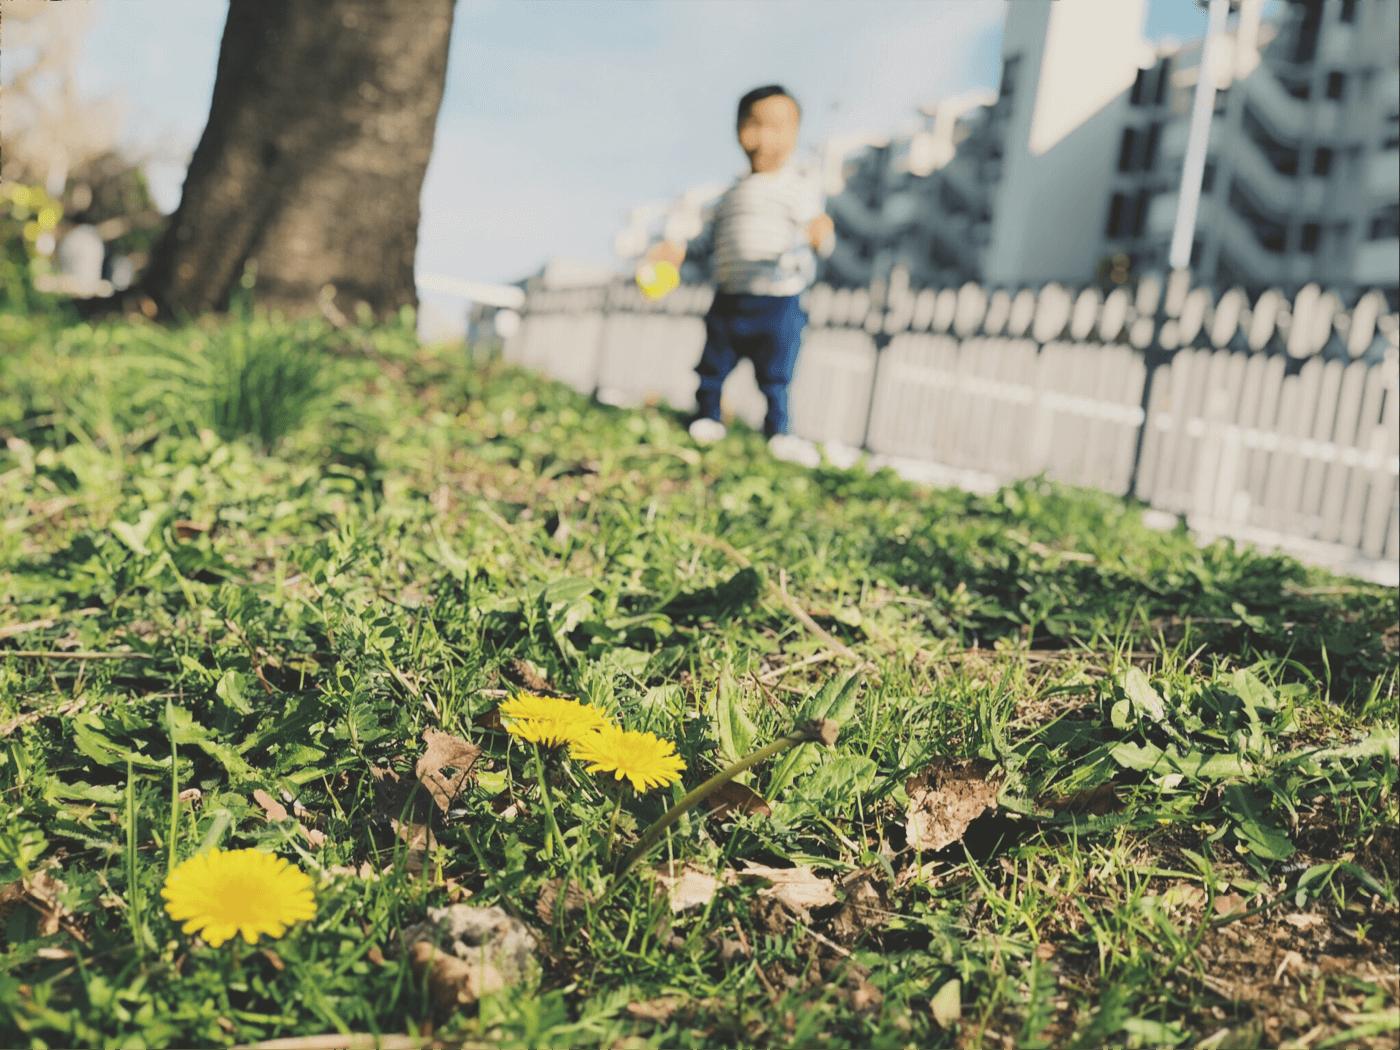 春らしくなってきた日の#shotoniphone